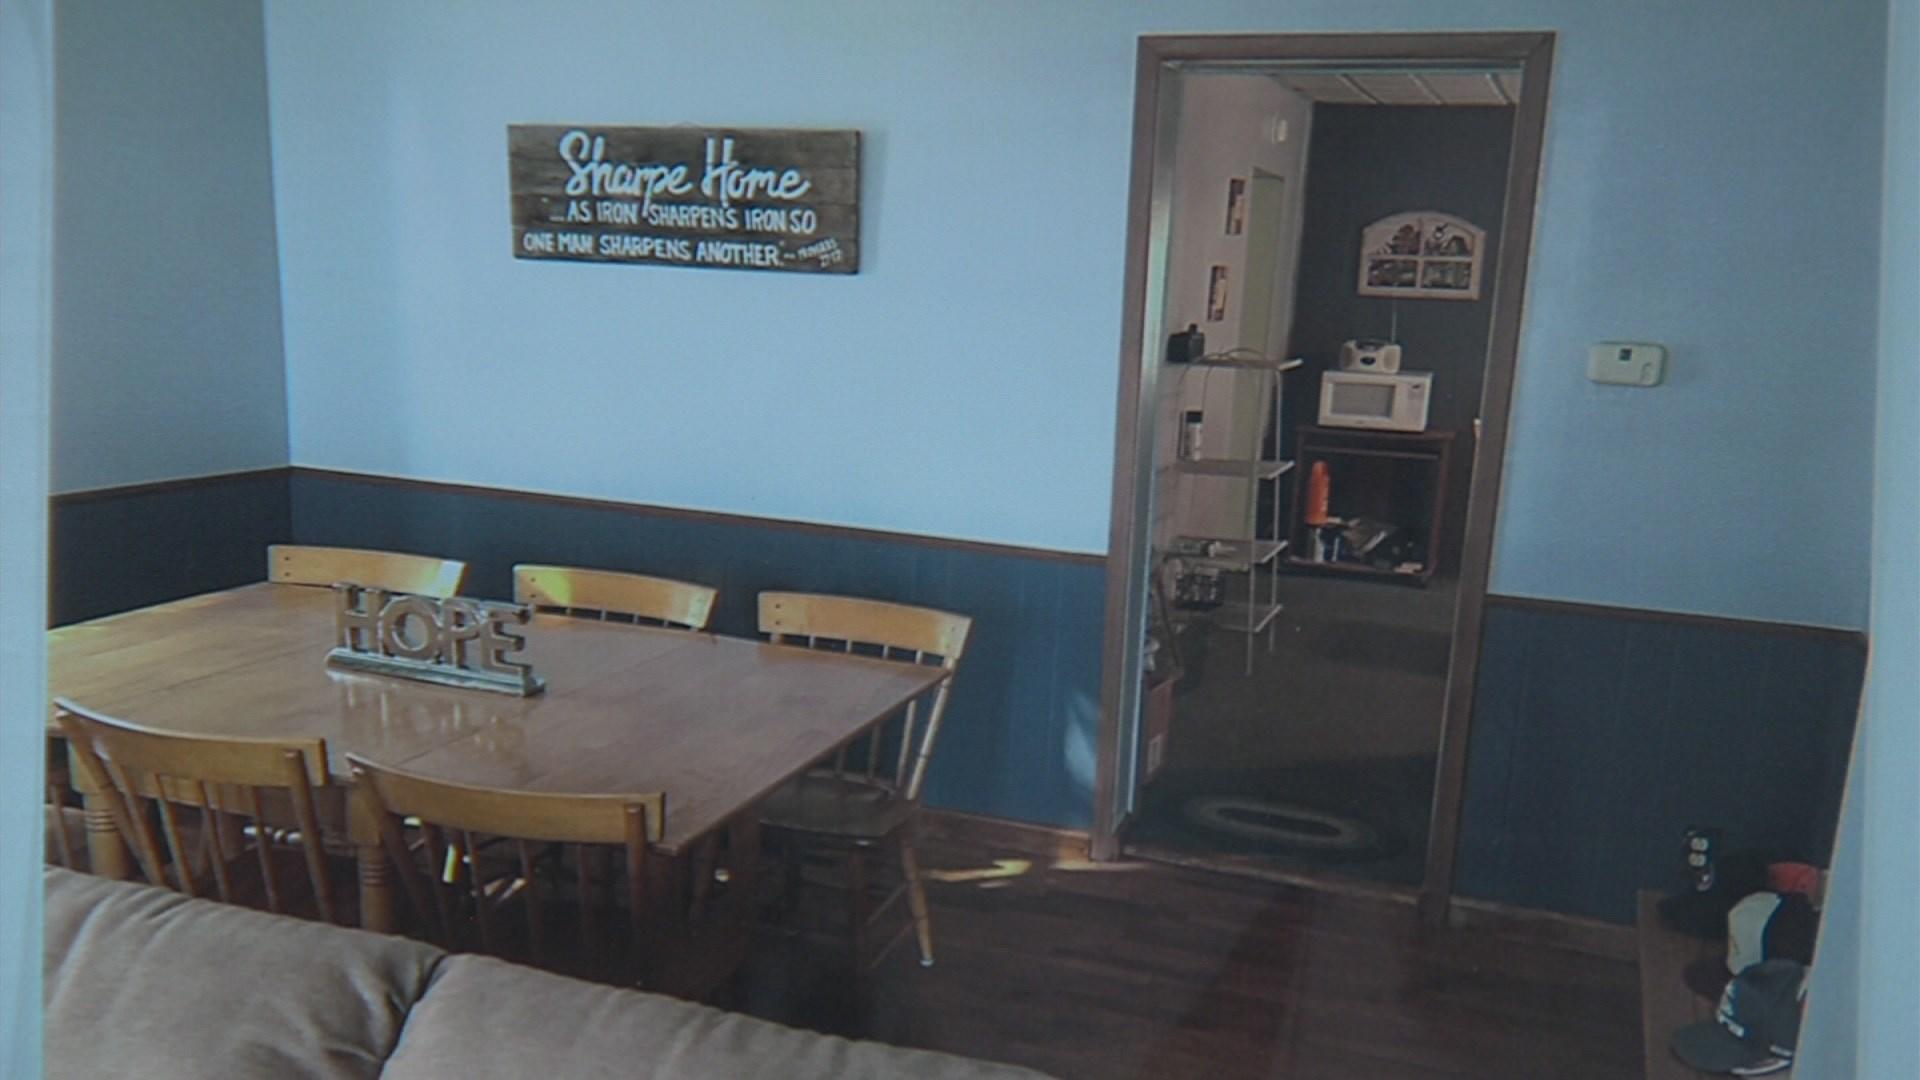 The Sharpe House aids sobriety - Wandtv.com, NewsCenter17 ...